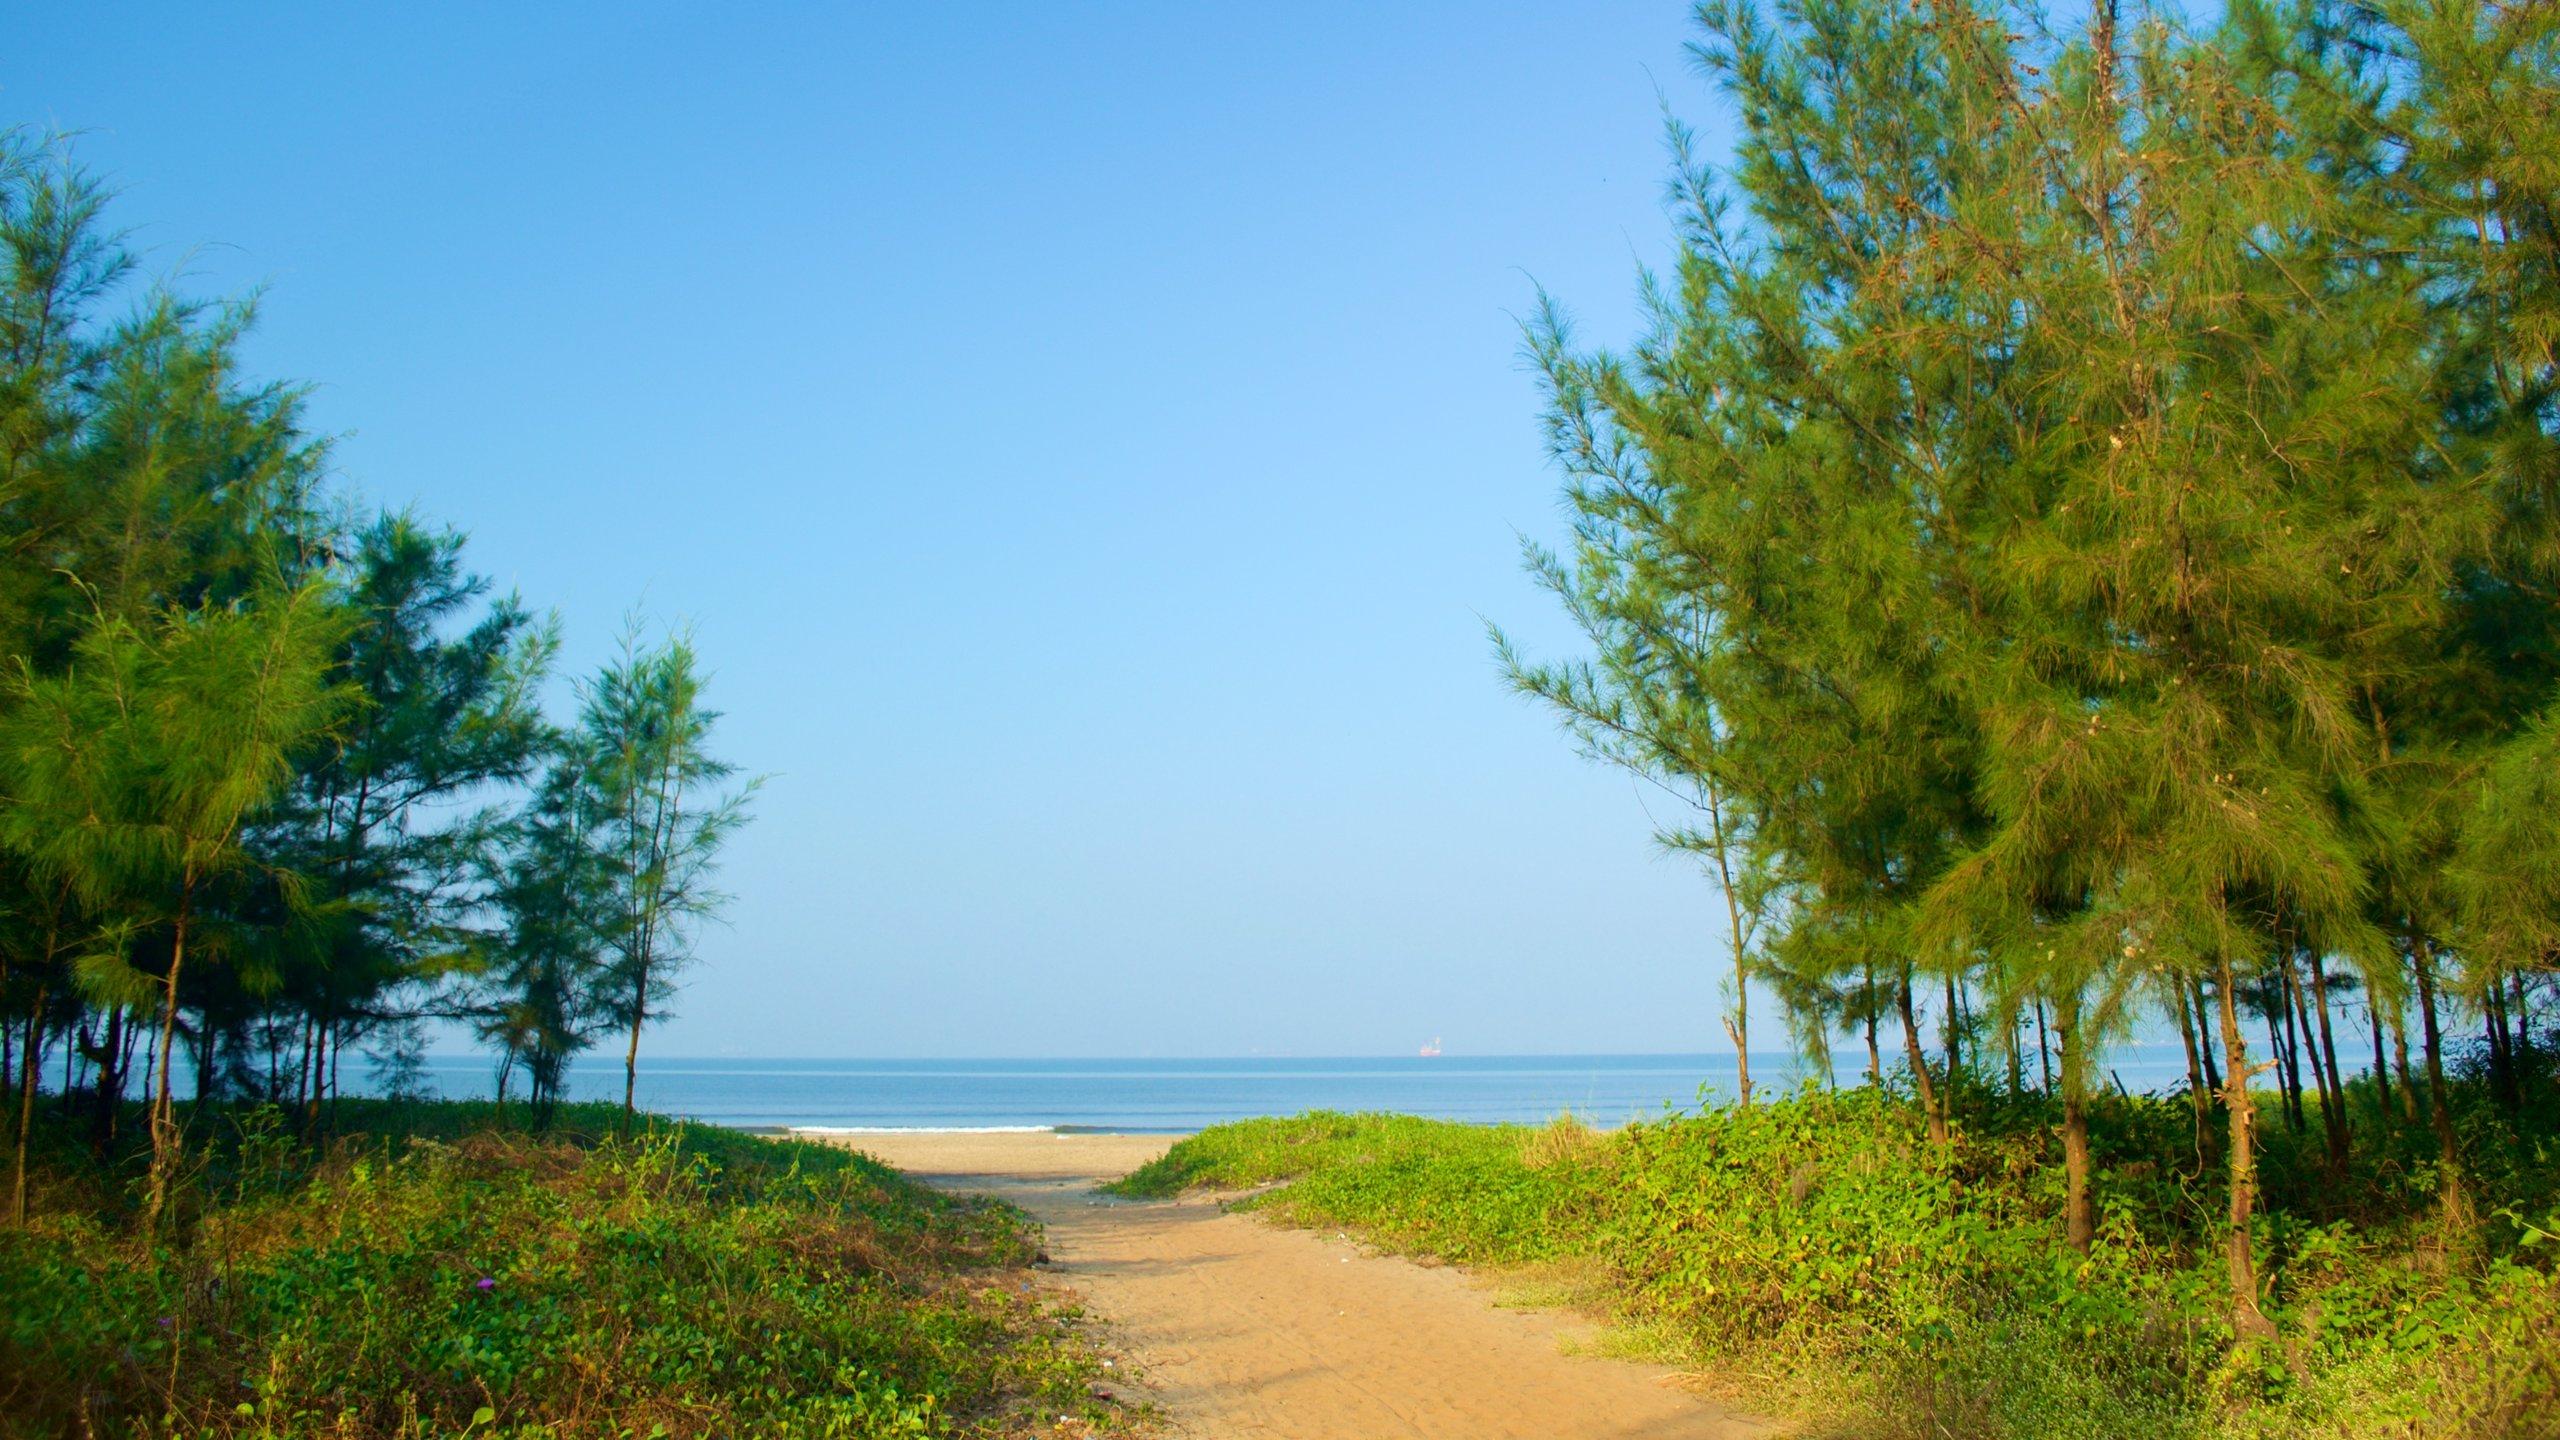 Miramar Beach, Panaji, Goa, India